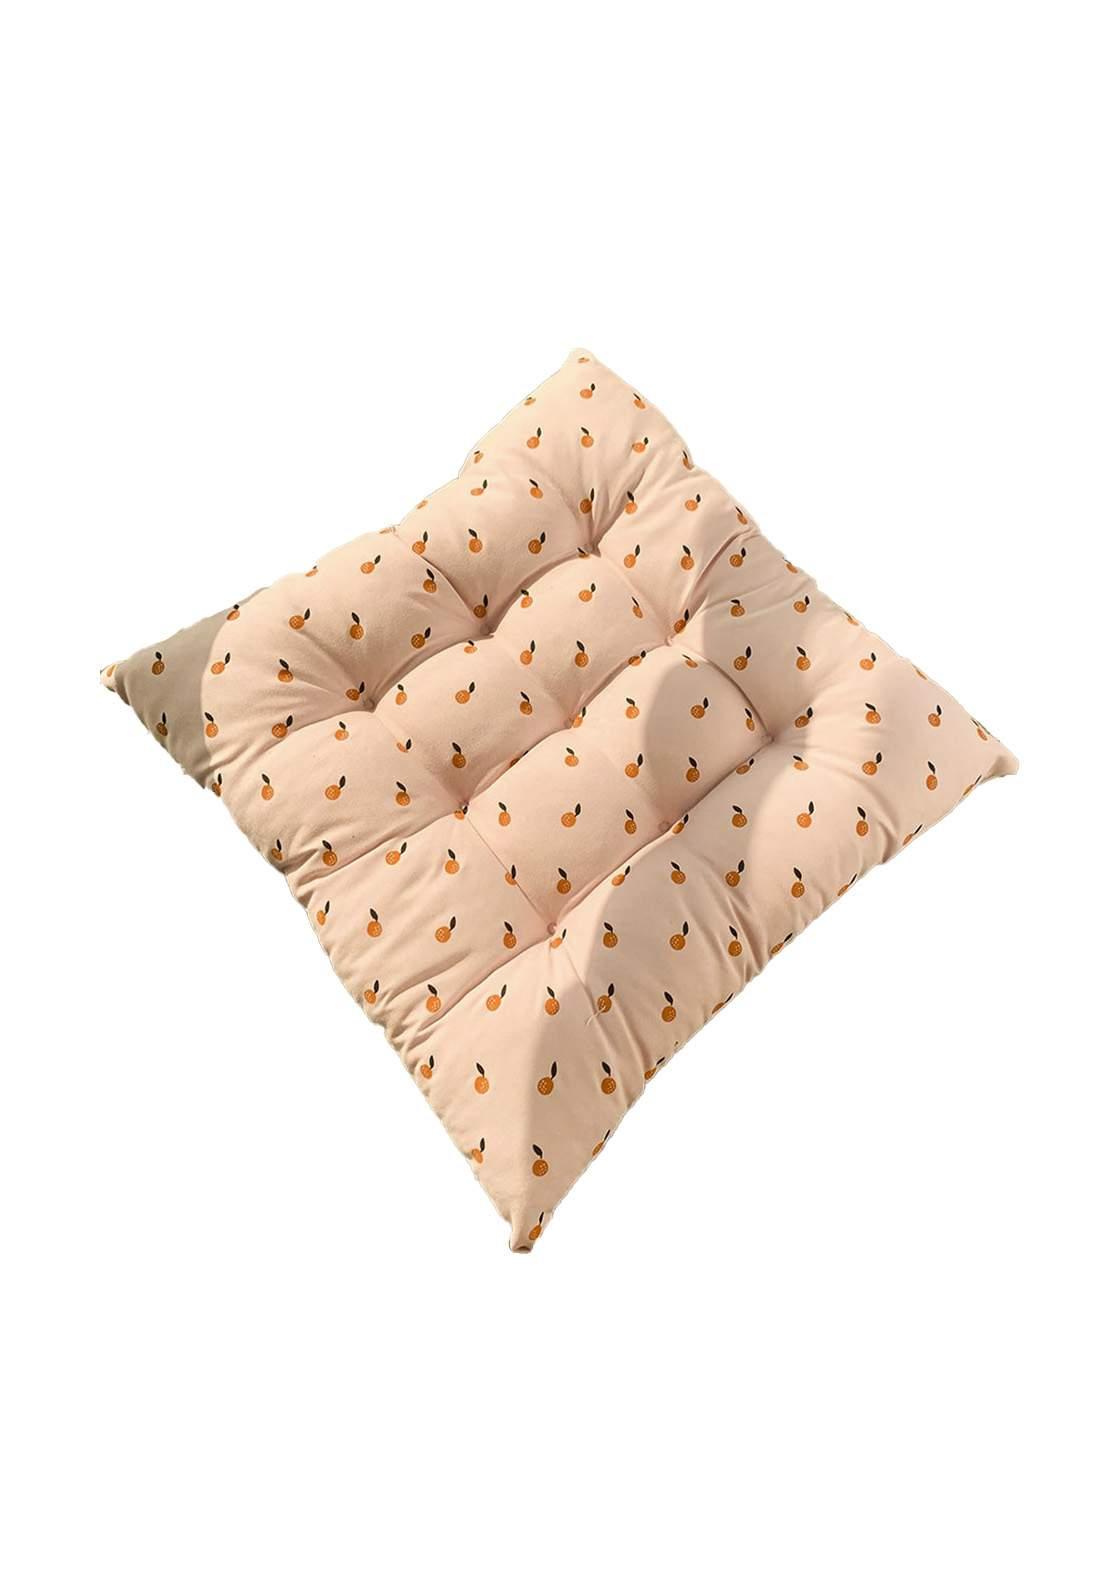 Super Soft Pattern Pillowوسادة طاولات